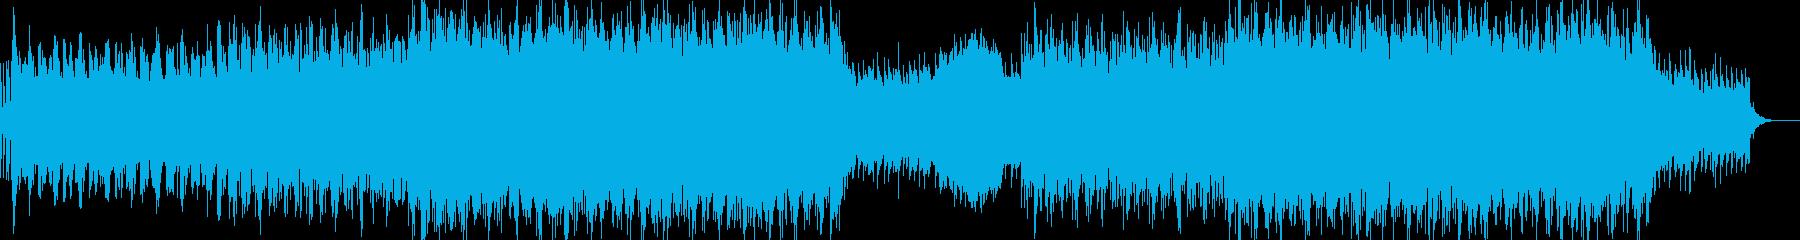 現代的で都会的なシンセミュージック-12の再生済みの波形